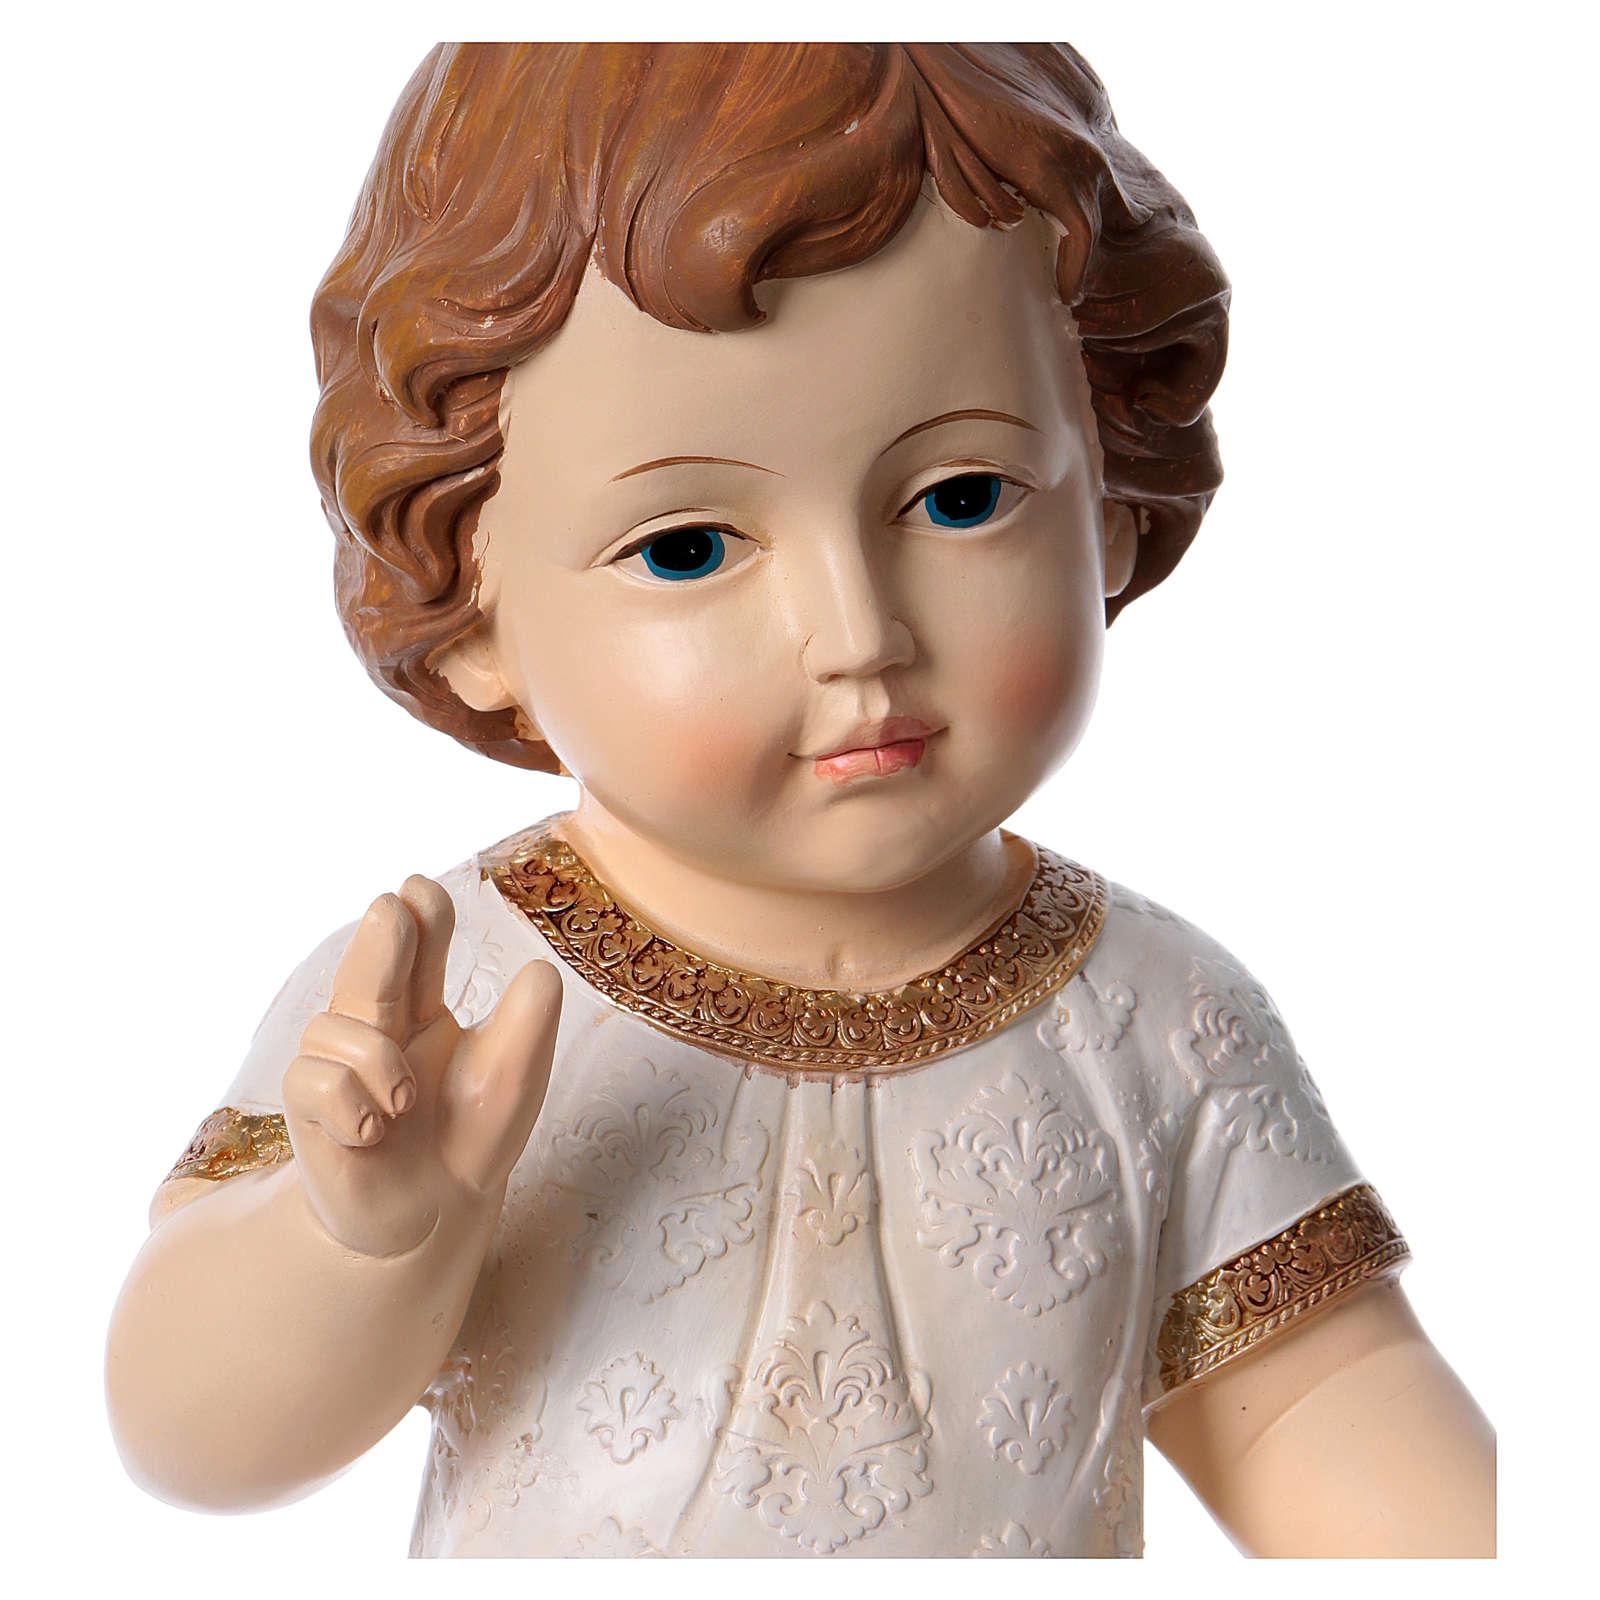 Bambinello benedicente con veste ornata h 30 cm 3